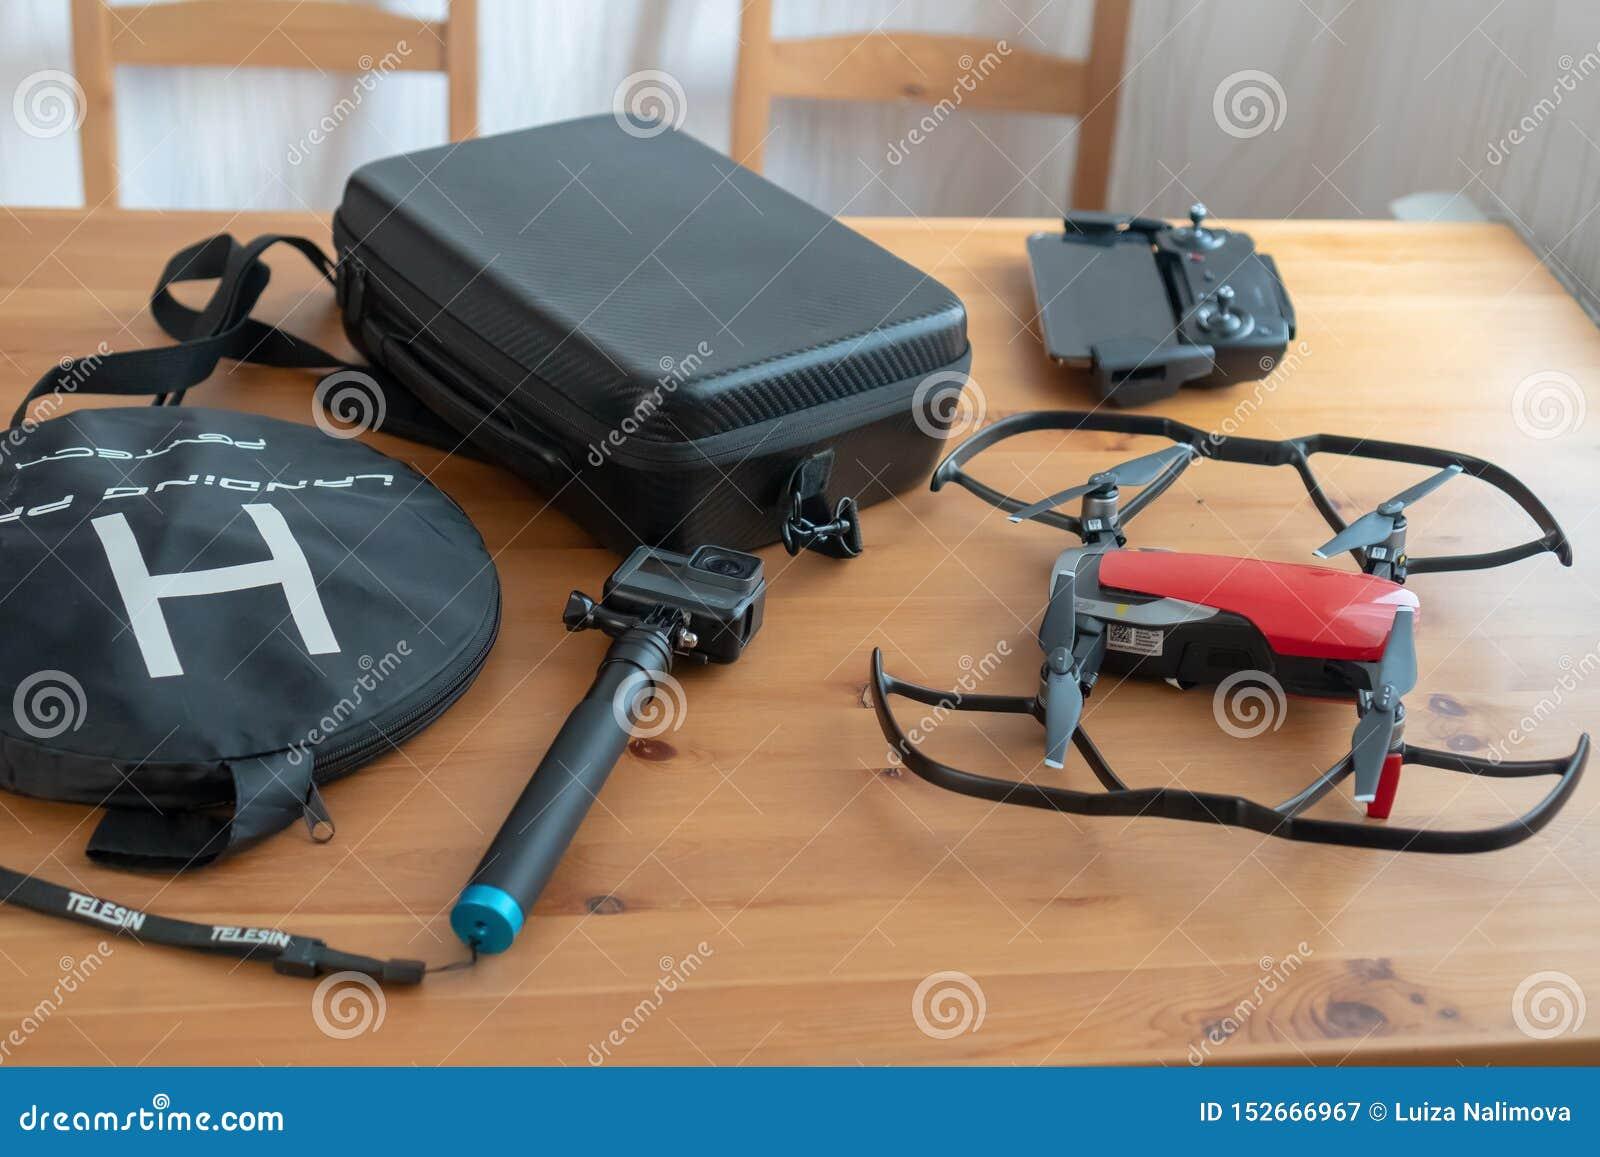 Attrezzatura per la fucilazione del video e della foto Vada pro, il fuco, il contenitore di fuco, il telefono, il telecomando, pi